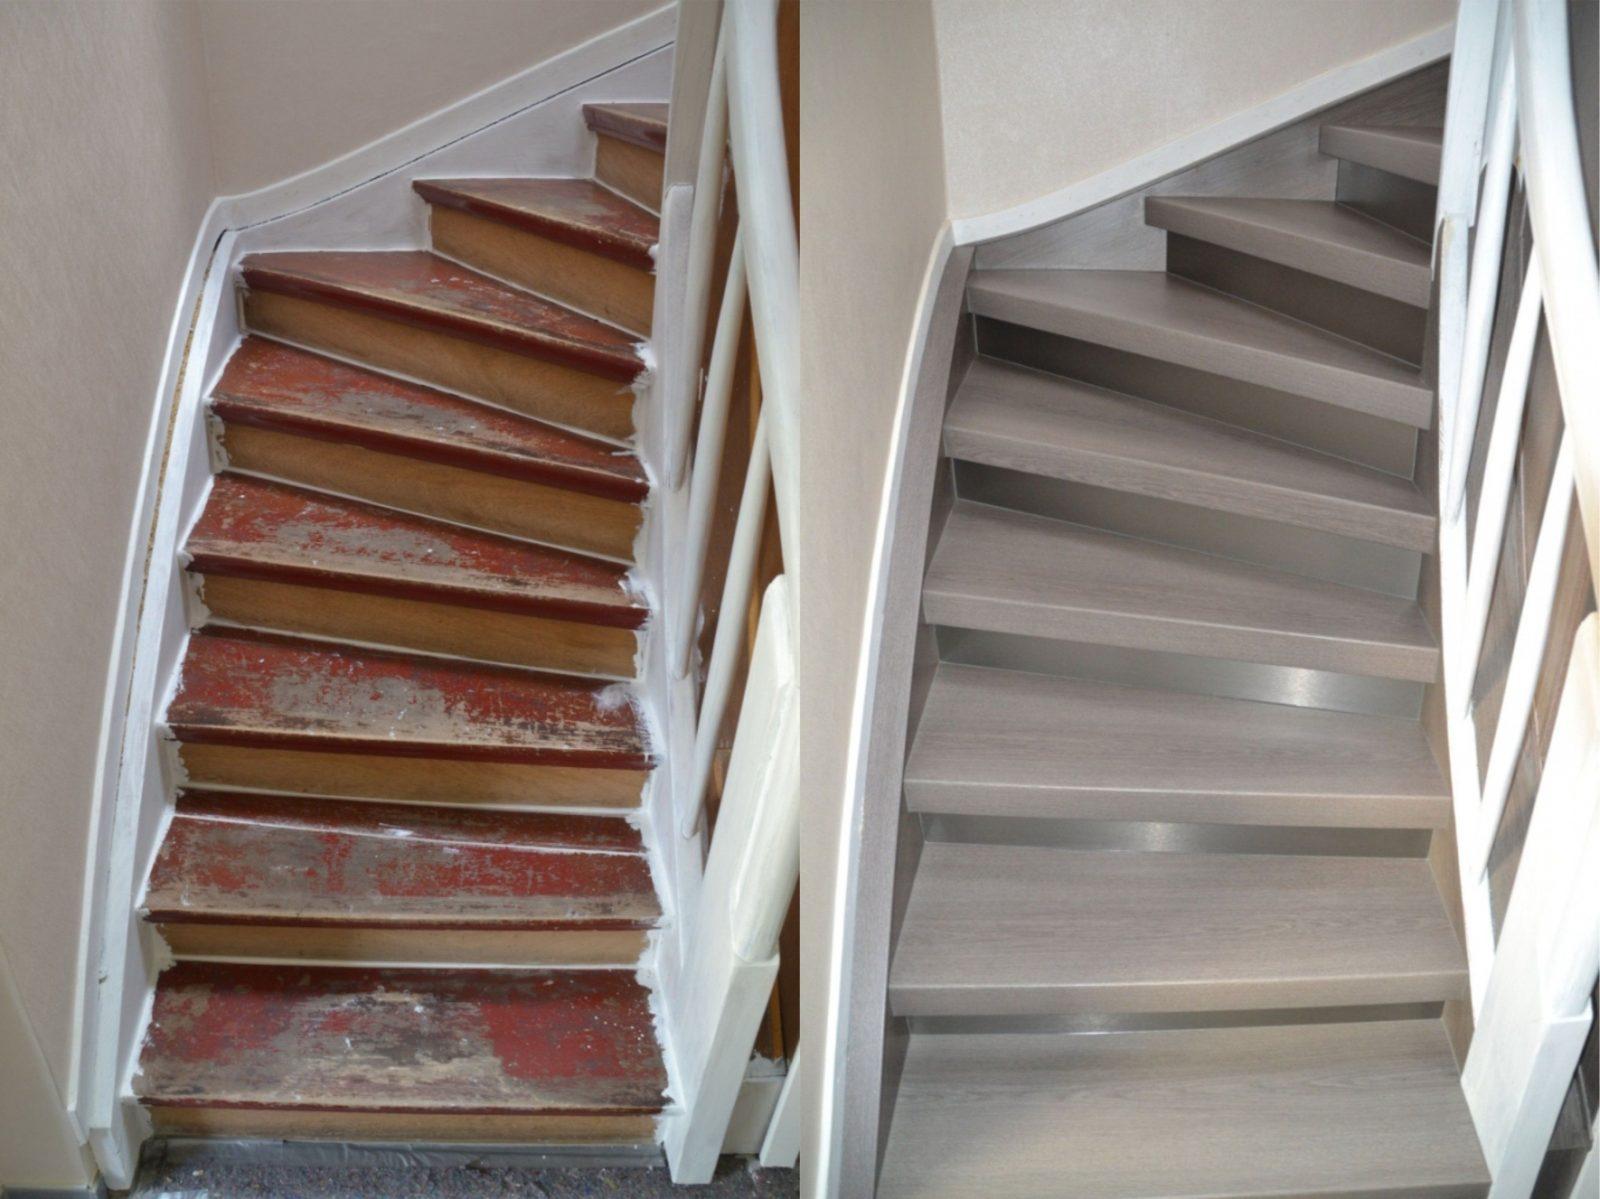 Stilvolle Alte Treppen Neu Gestalten Treppe Streichen Luxus von Altes Treppenhaus Neu Gestalten Bild